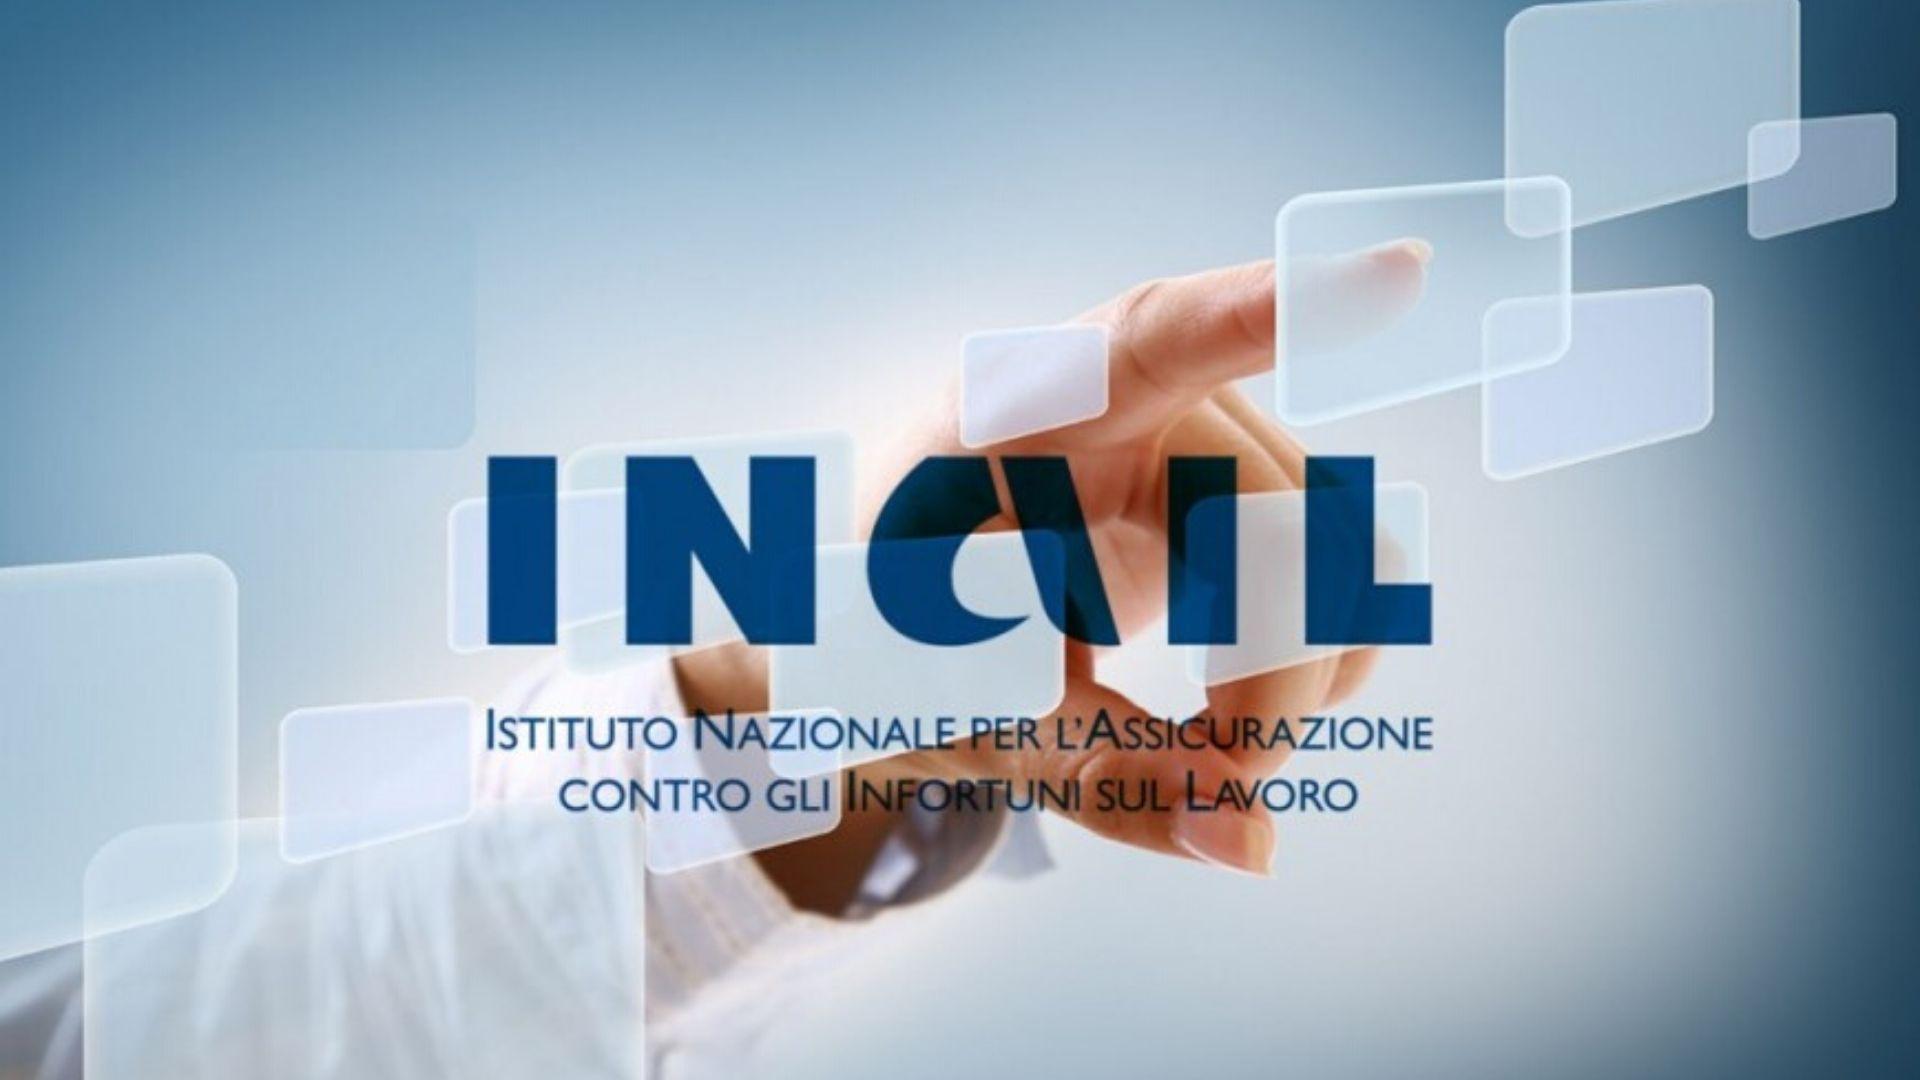 INAIL v34